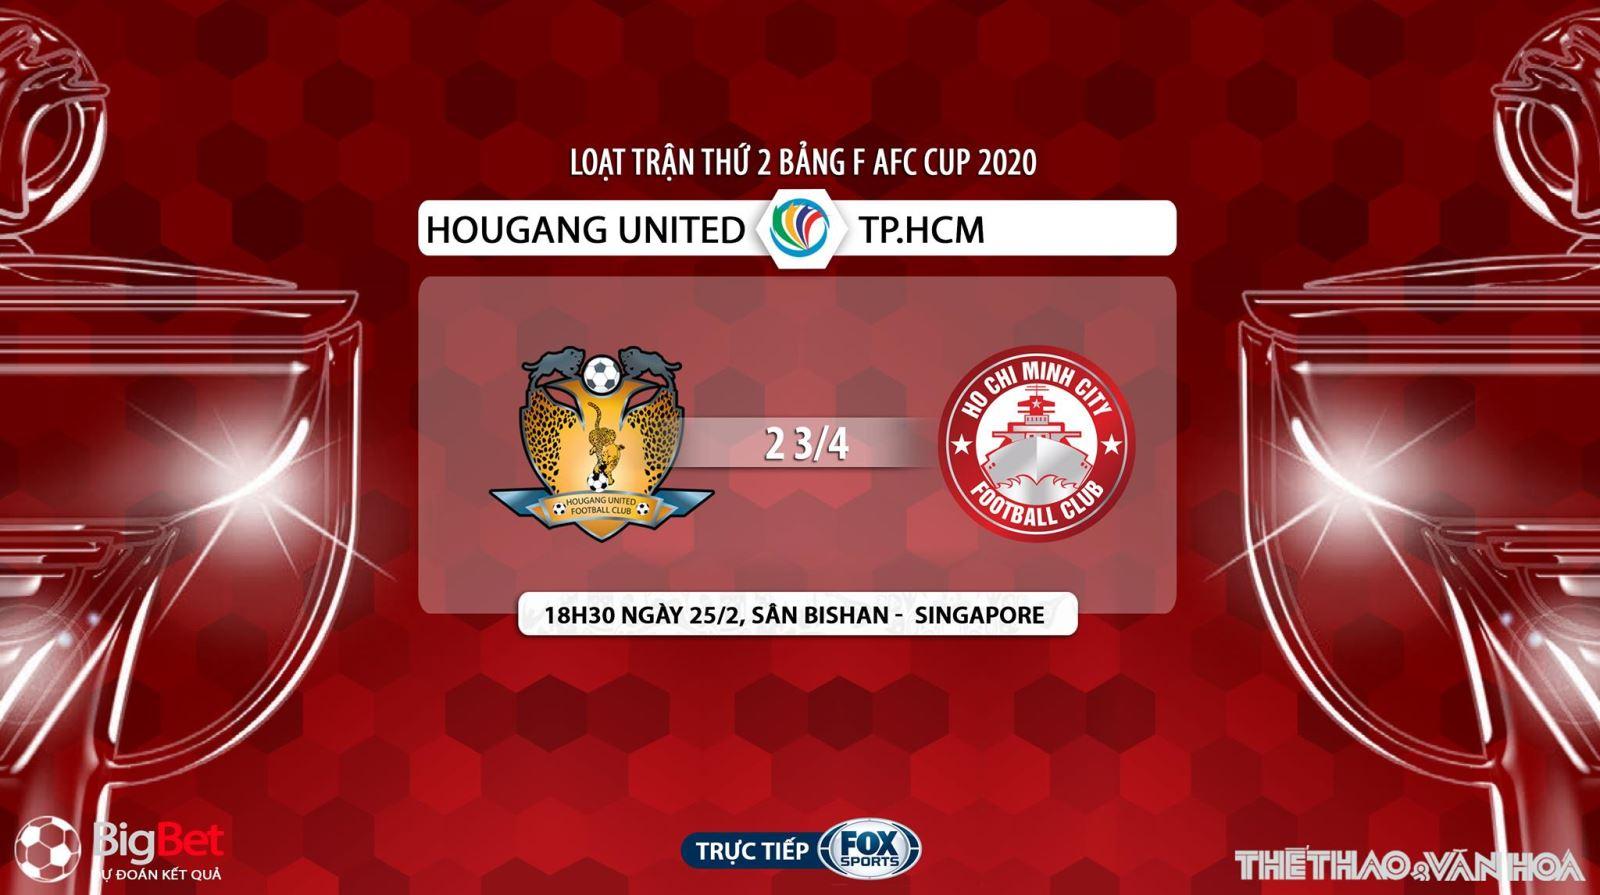 Hougang United vs TP.HCM, dự đoán Hougang United vs TP.HCM, nhận định Hougang United vs TP.HCM, Hougang United, TP.HCM, trực tiếp bóng đá, lịch thi đấu bóng đá, AFC Cup